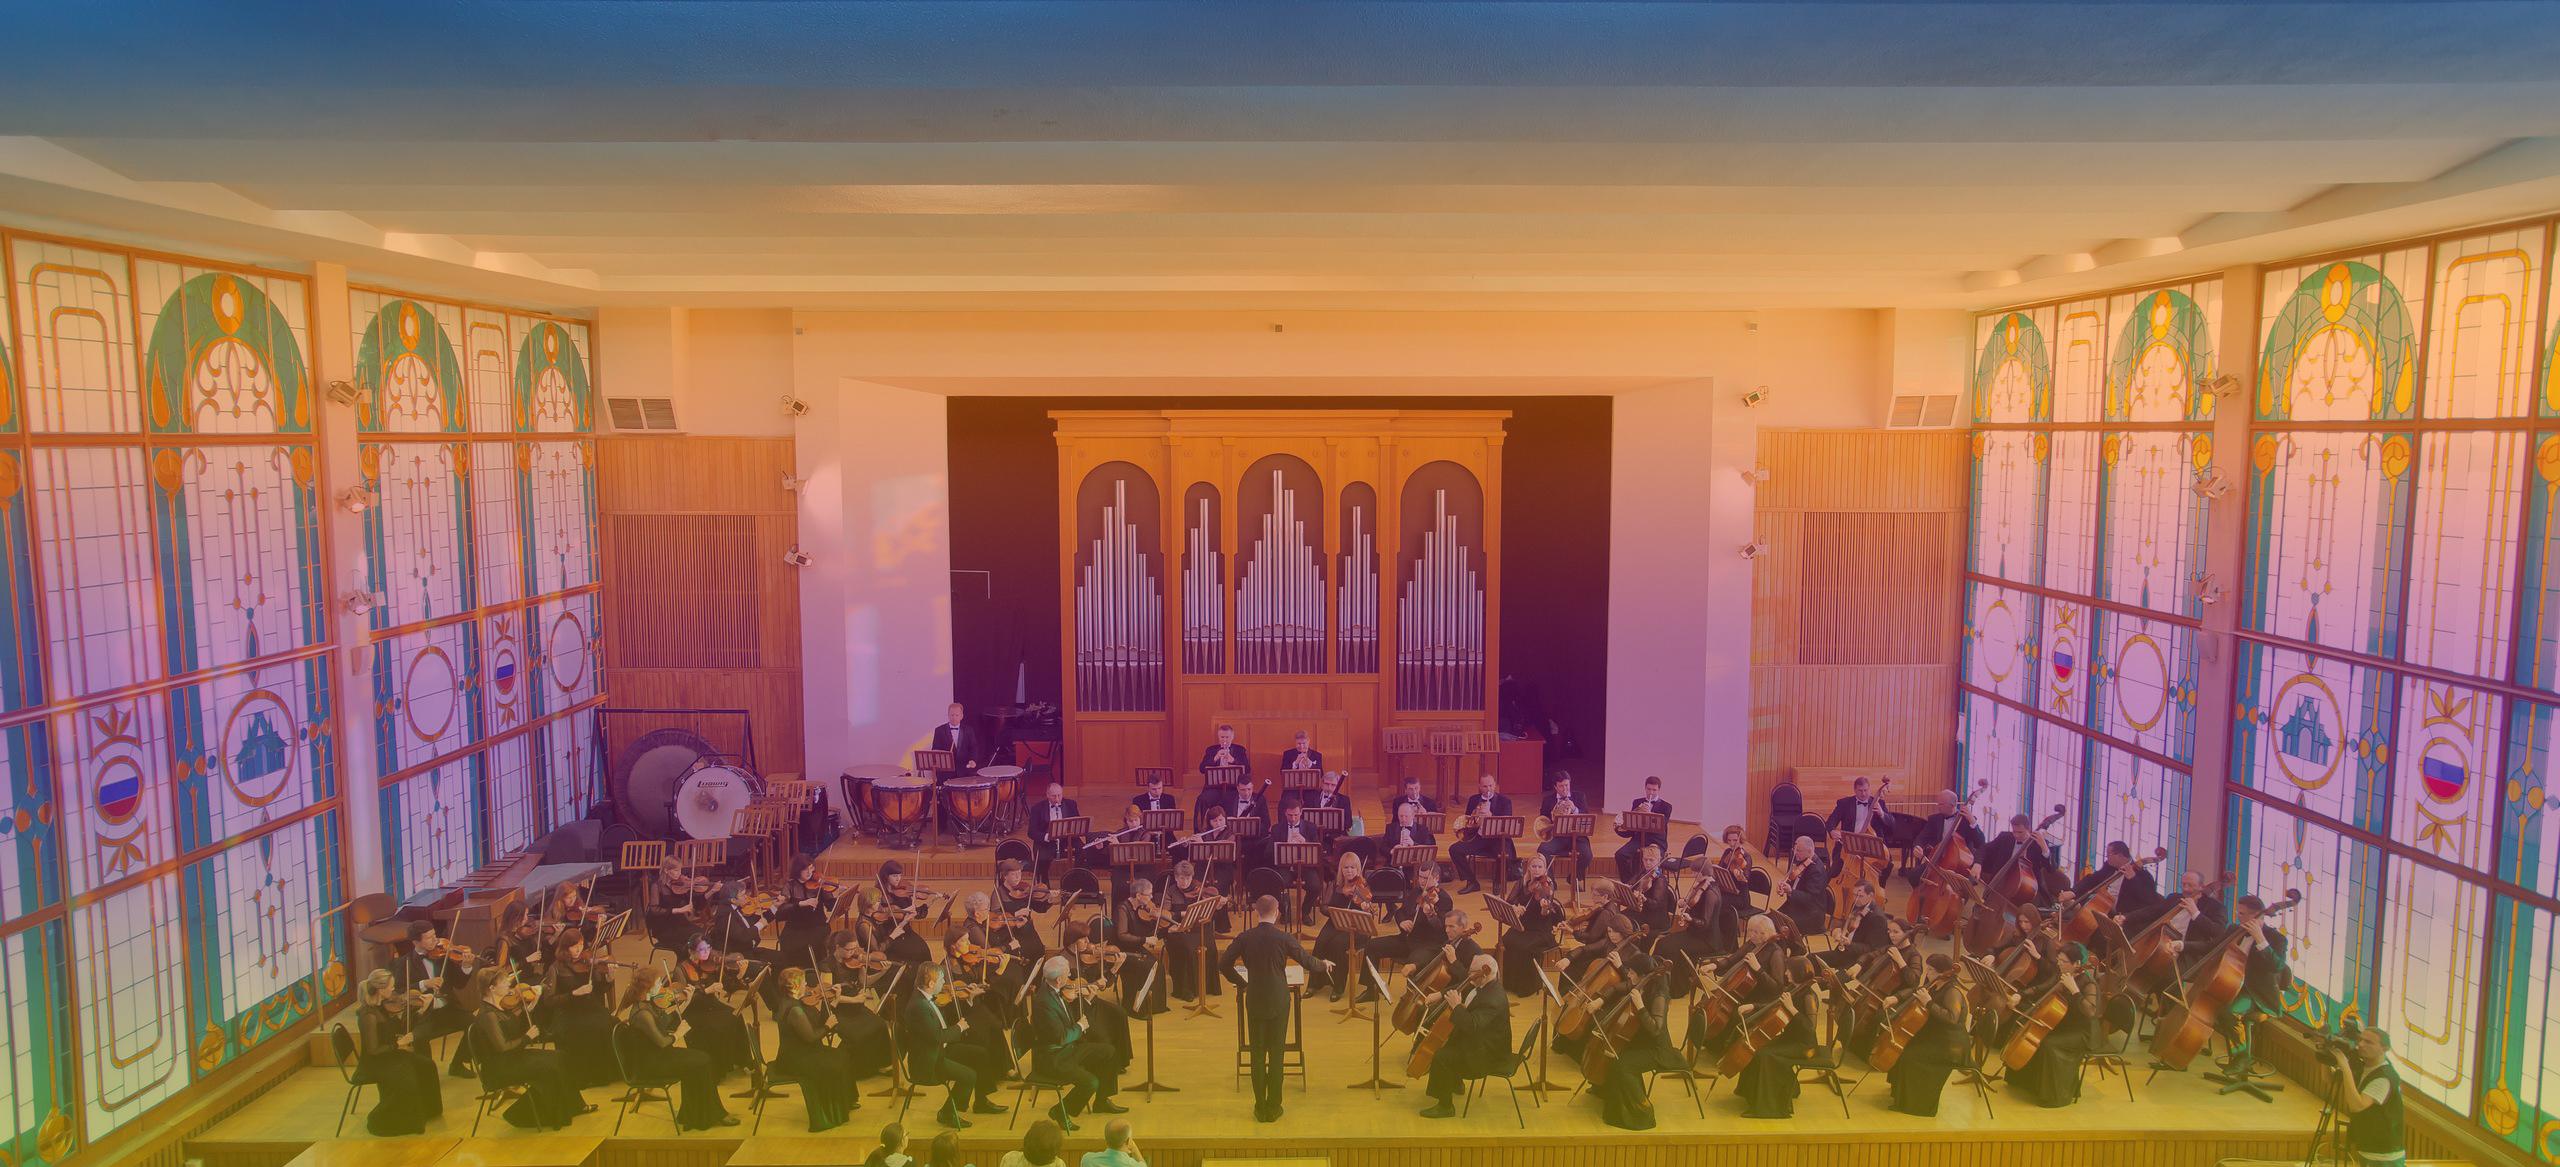 Музыкальный театр премьера краснодар официальный сайт афиша на октябрь театр фокусов самокат купить билеты